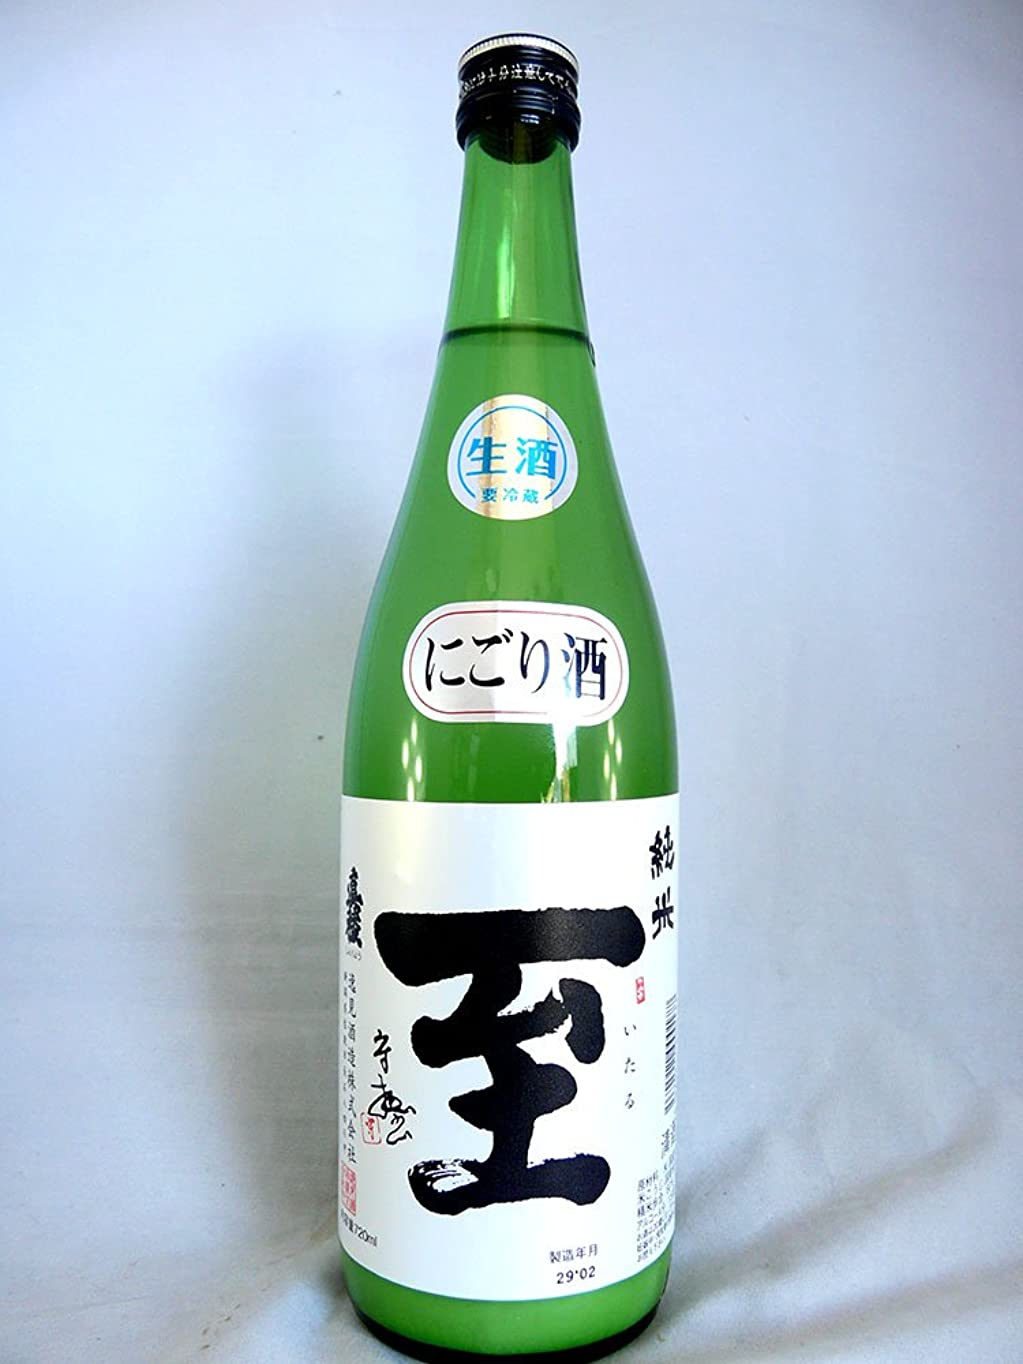 海洋革新目立つ至 (いたる) 純米生にごり酒 720ml